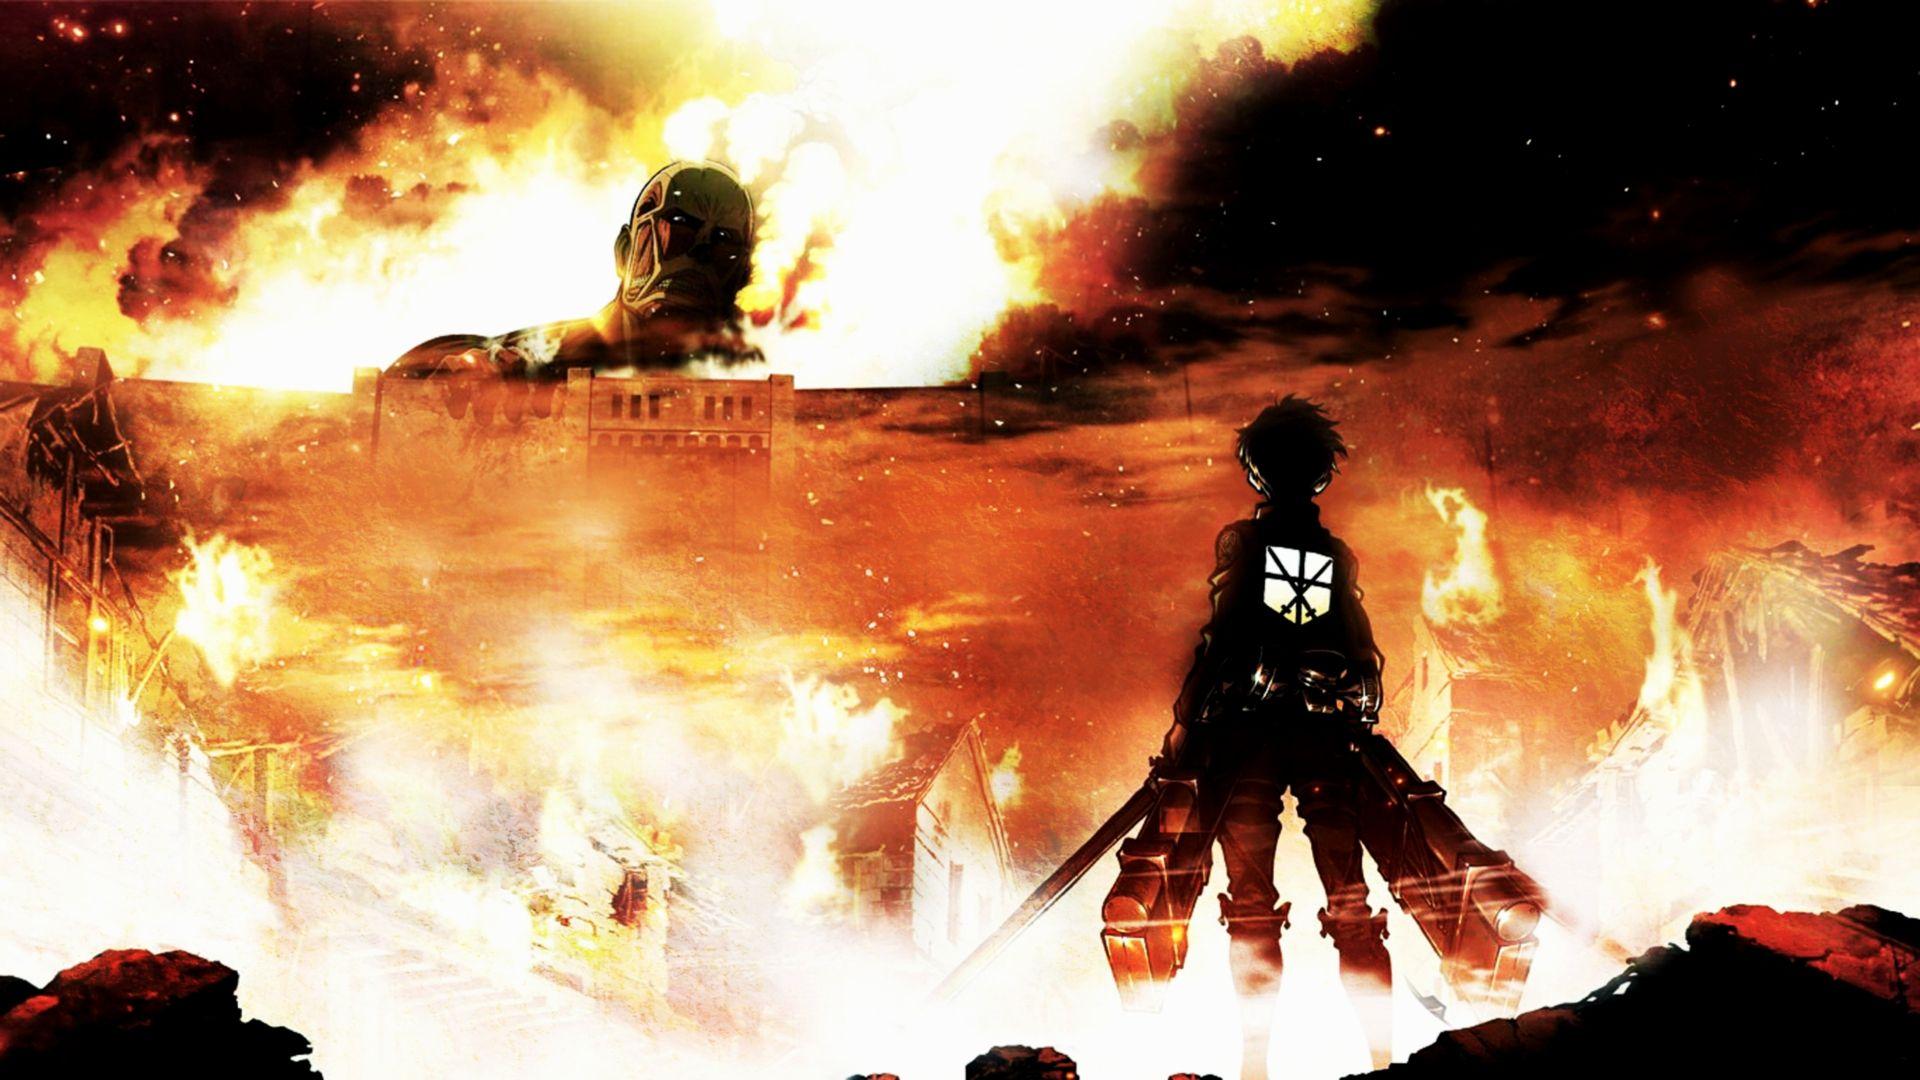 Shingeki No Kyojin Wallpaper 進撃の巨人 壁紙 サンホラ 進撃の巨人